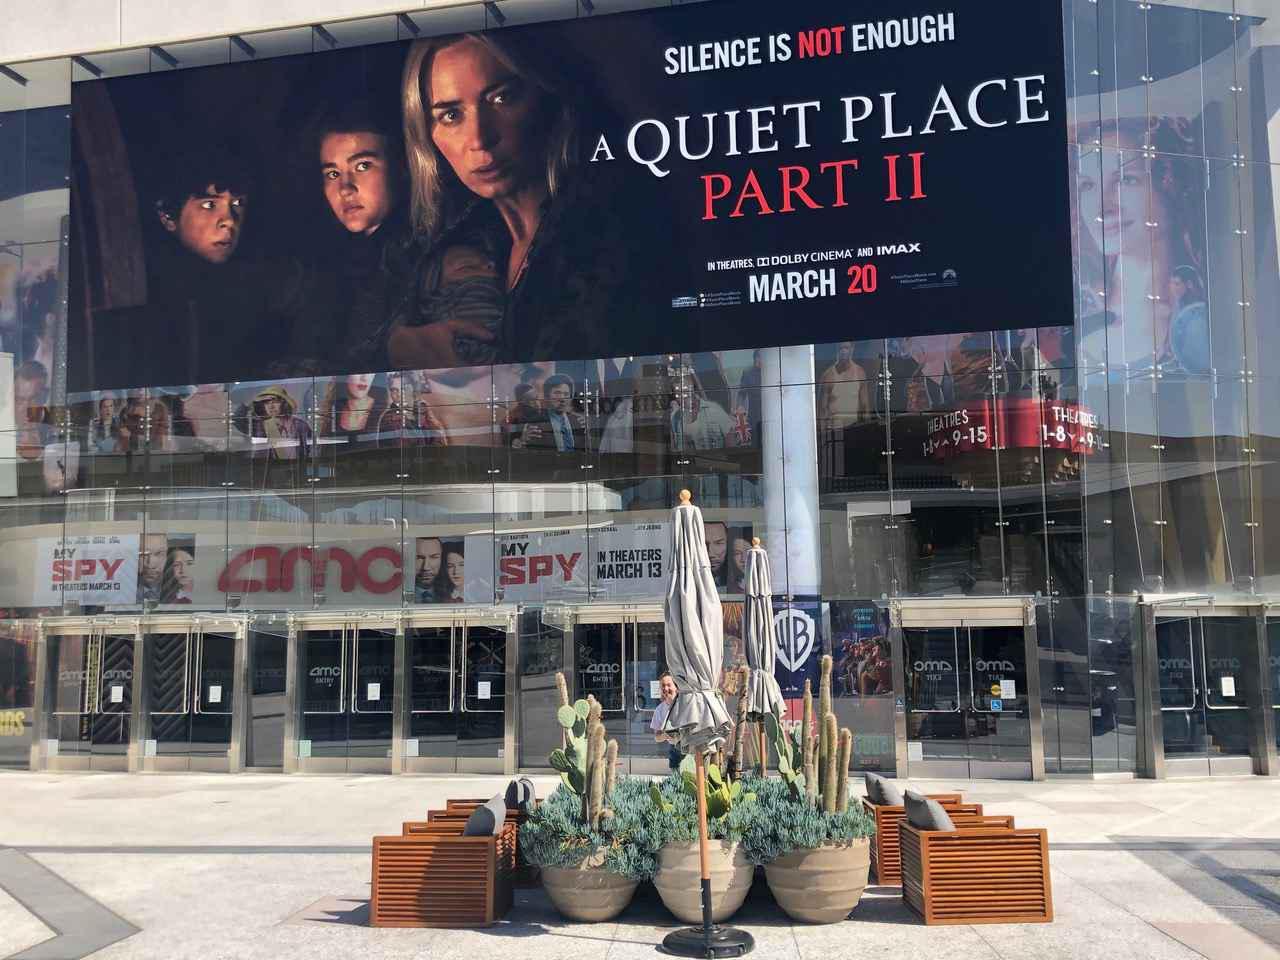 画像: 【現地レポート02】新型コロナ禍の影響を大きく受けるアメリカの映画館 - SCREEN ONLINE(スクリーンオンライン)